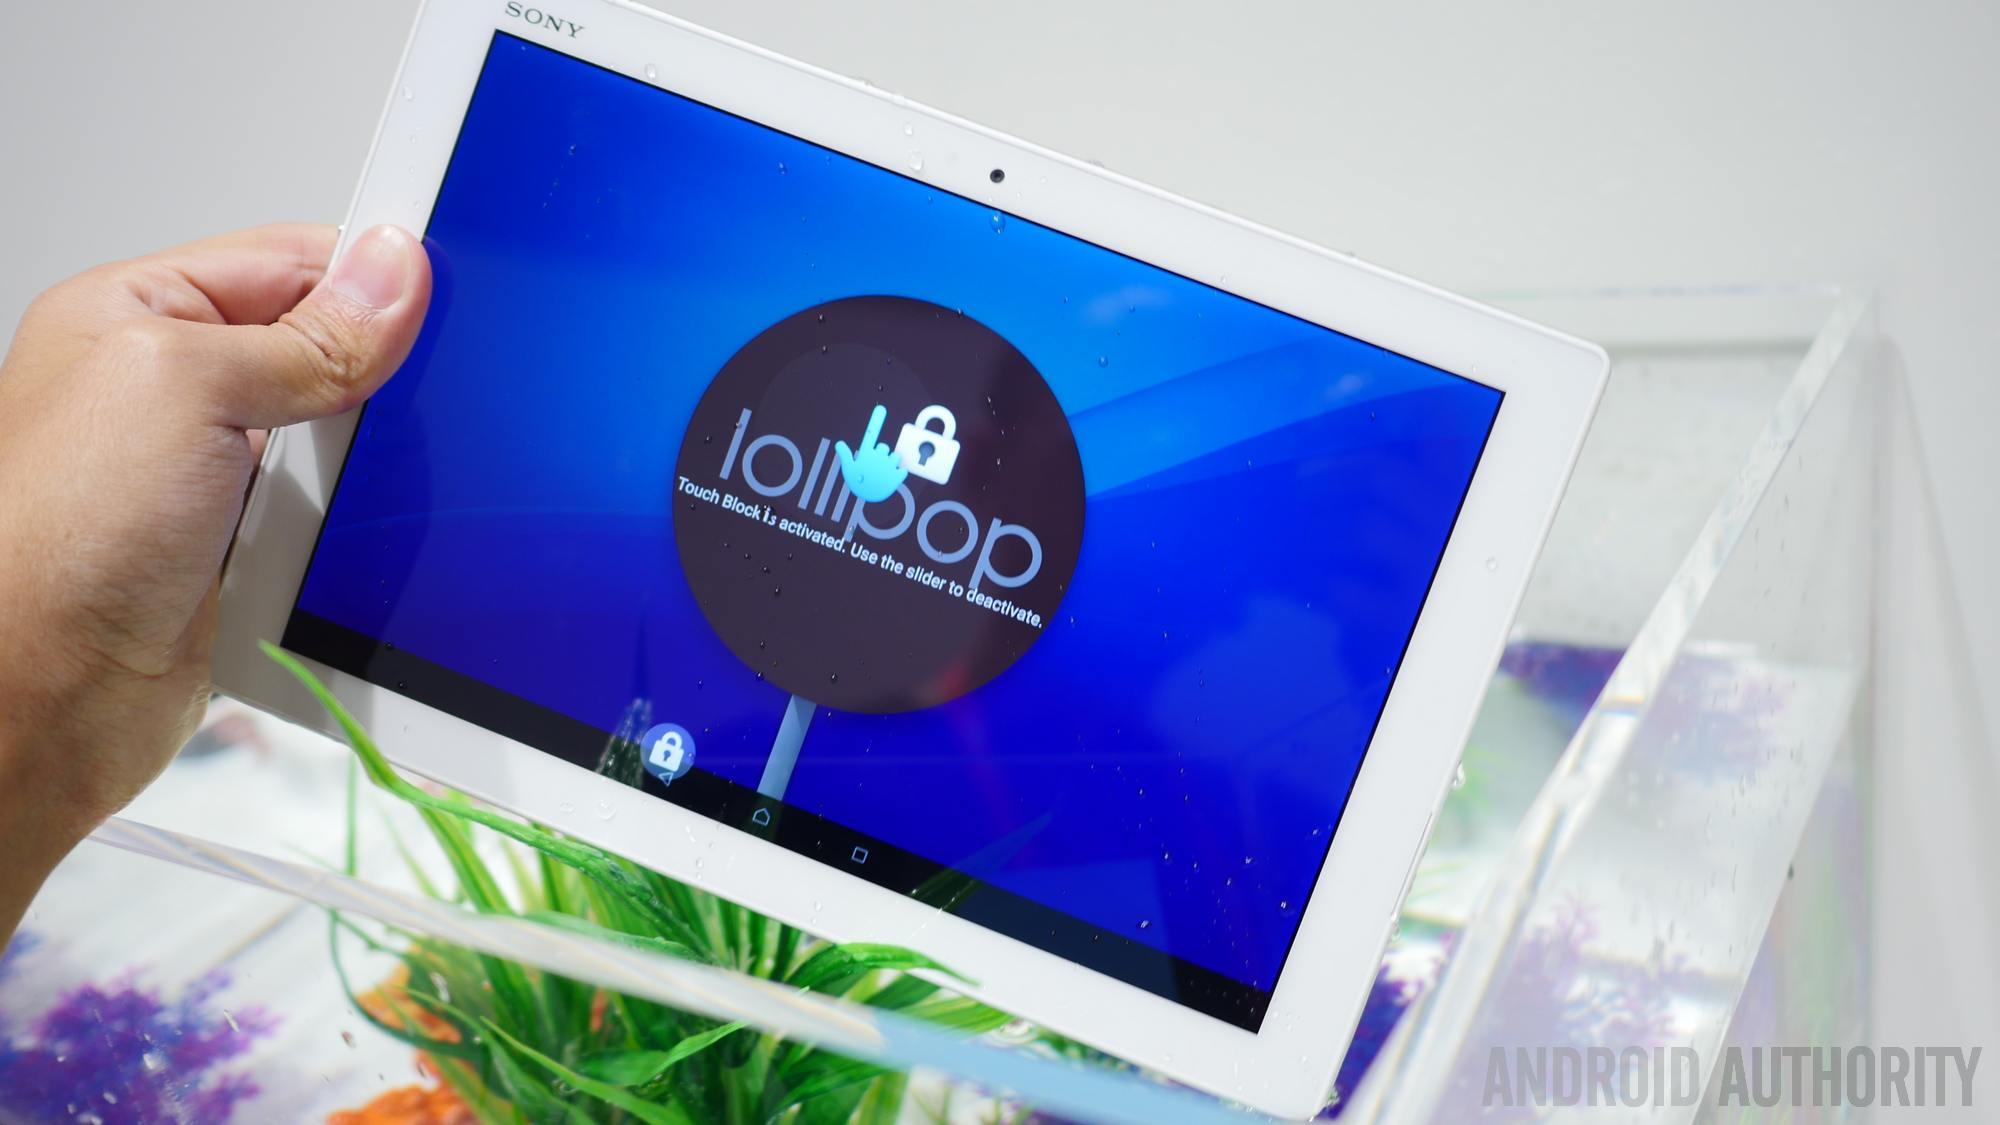 sony xperia z4 tablet 25